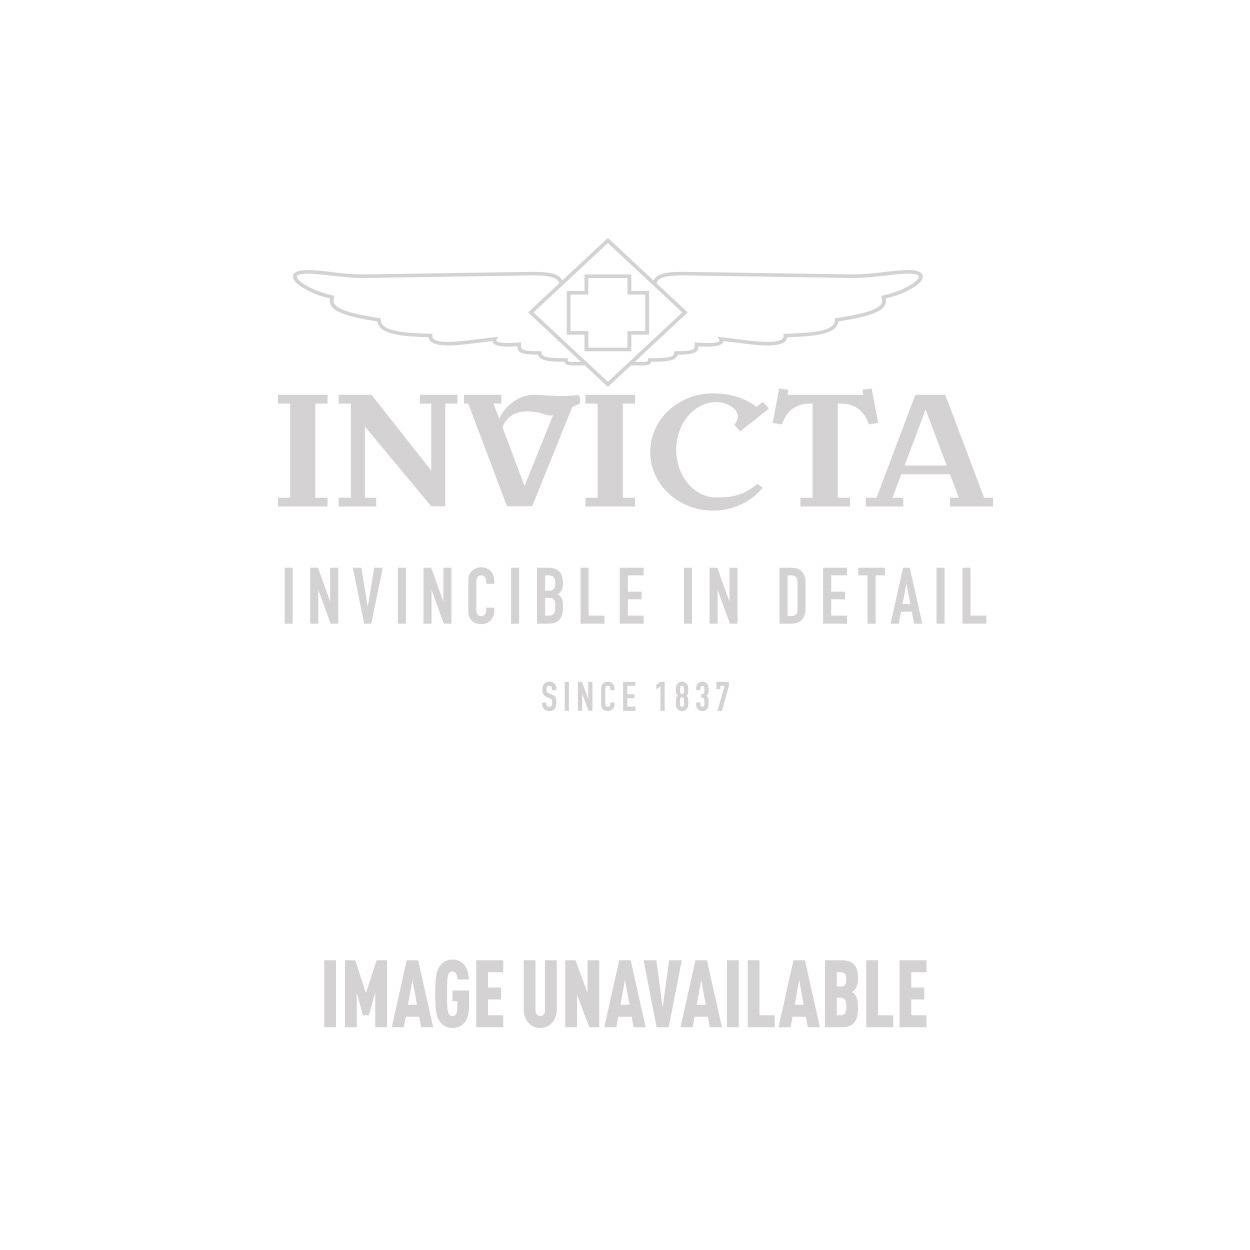 Invicta Model 23582